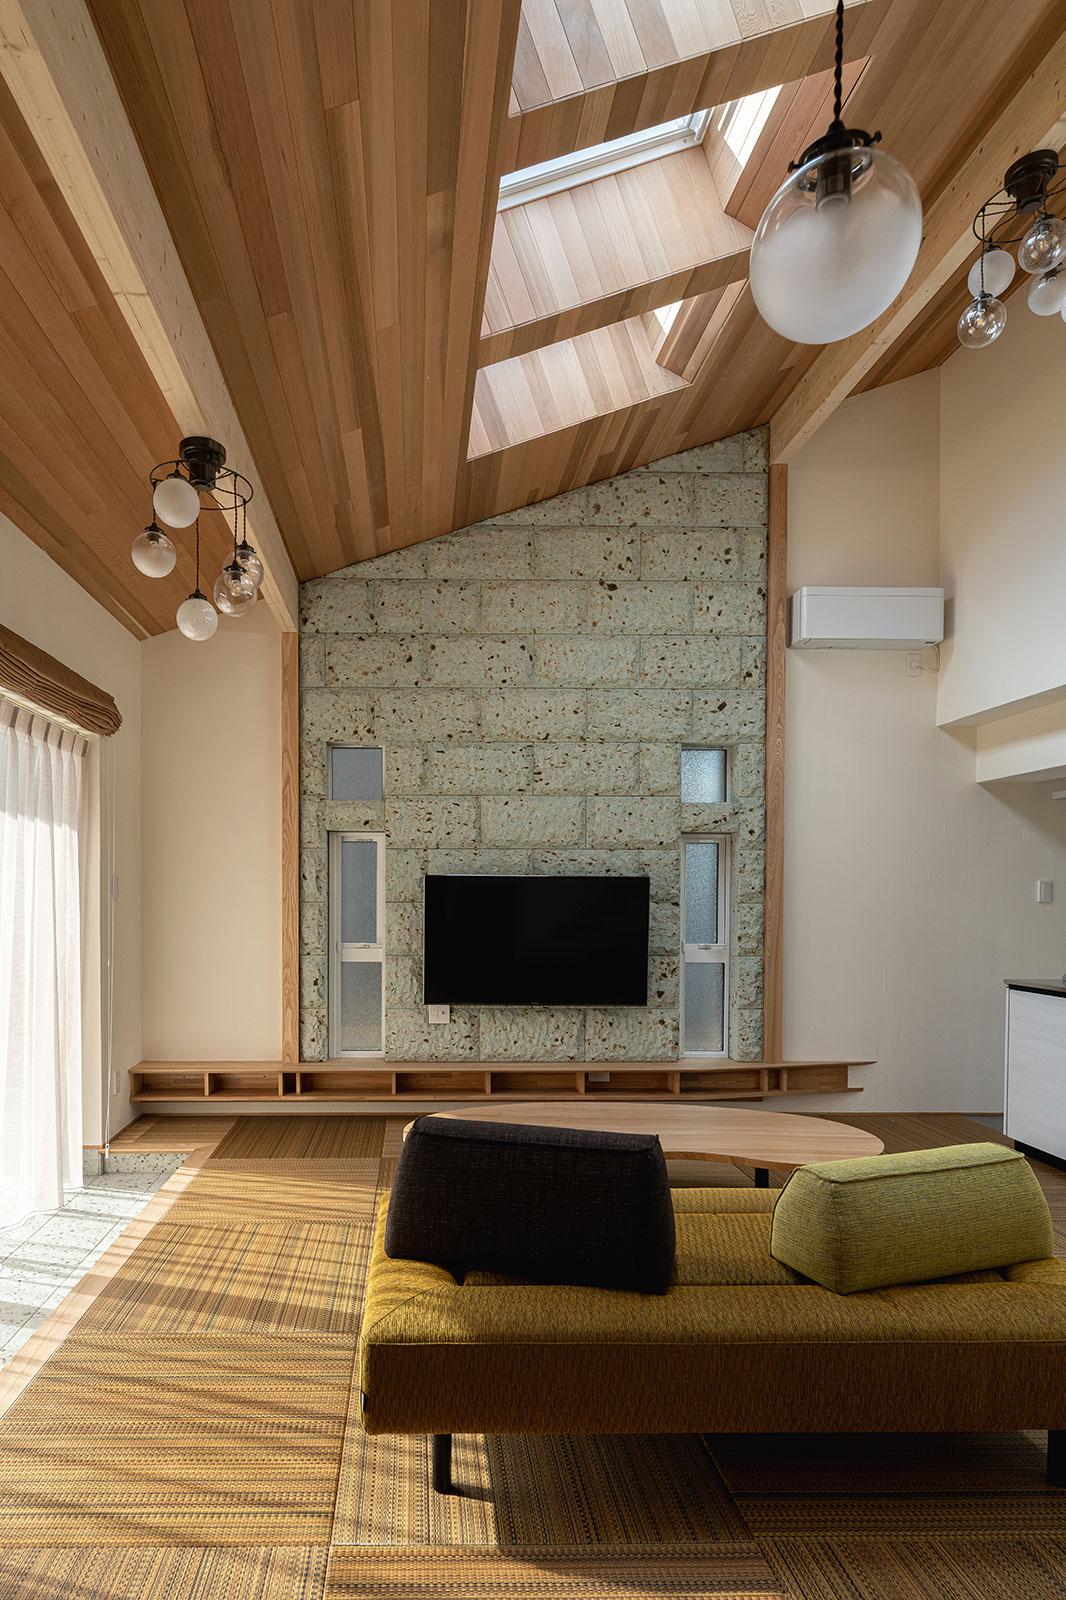 大谷石の壁と柄入りのモダンな琉球畳が調和する吹き抜けのリビング